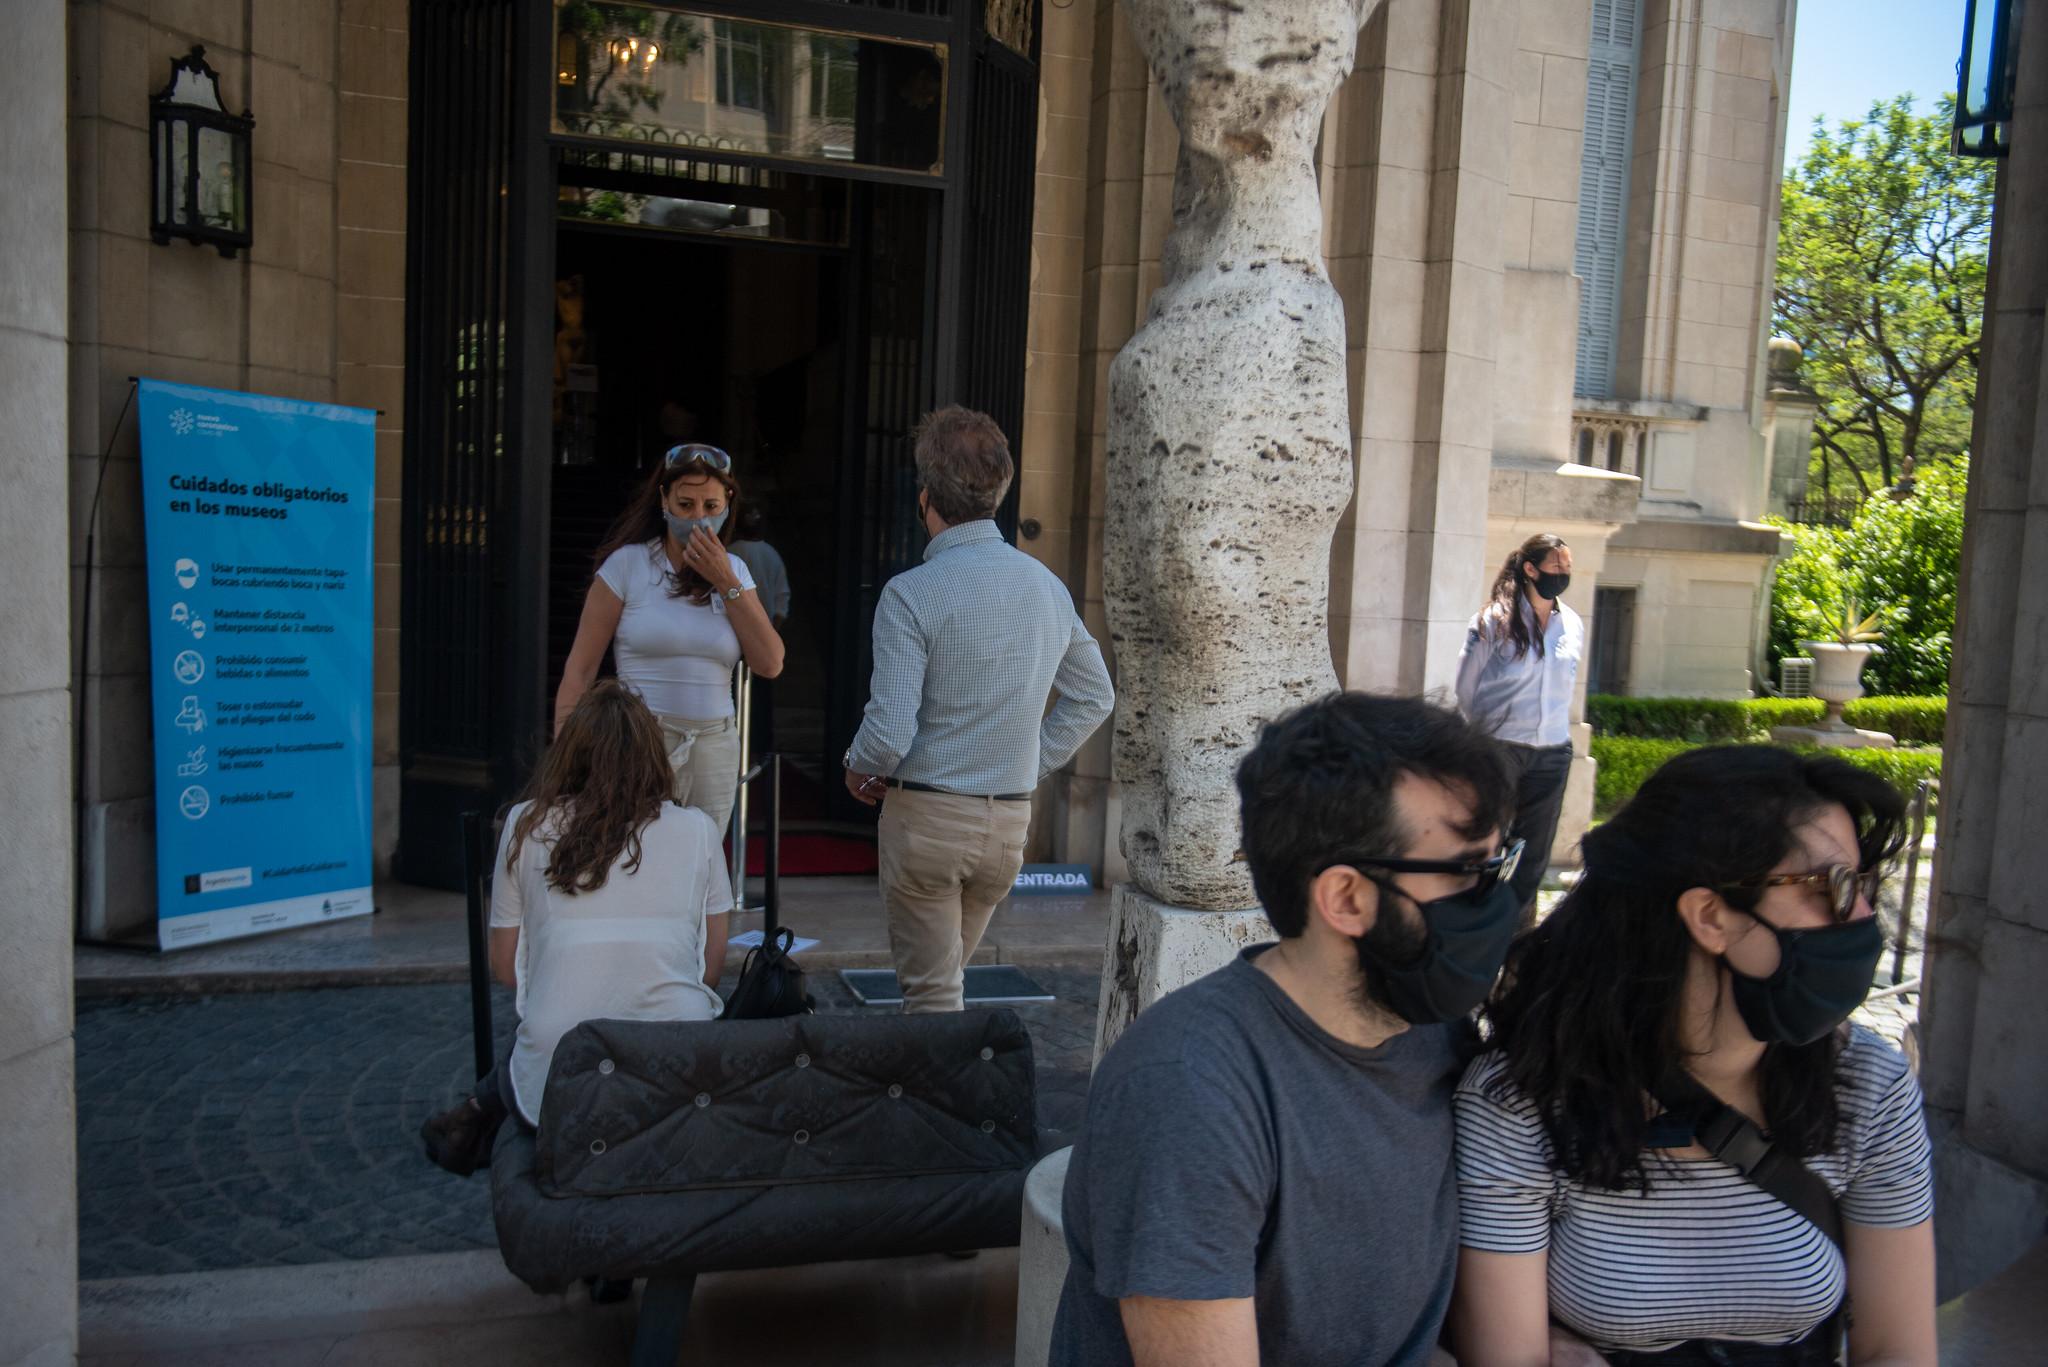 Las familias pudieron disfrutar de un día soleado en el parque del museo (Ministerio de Cultura)